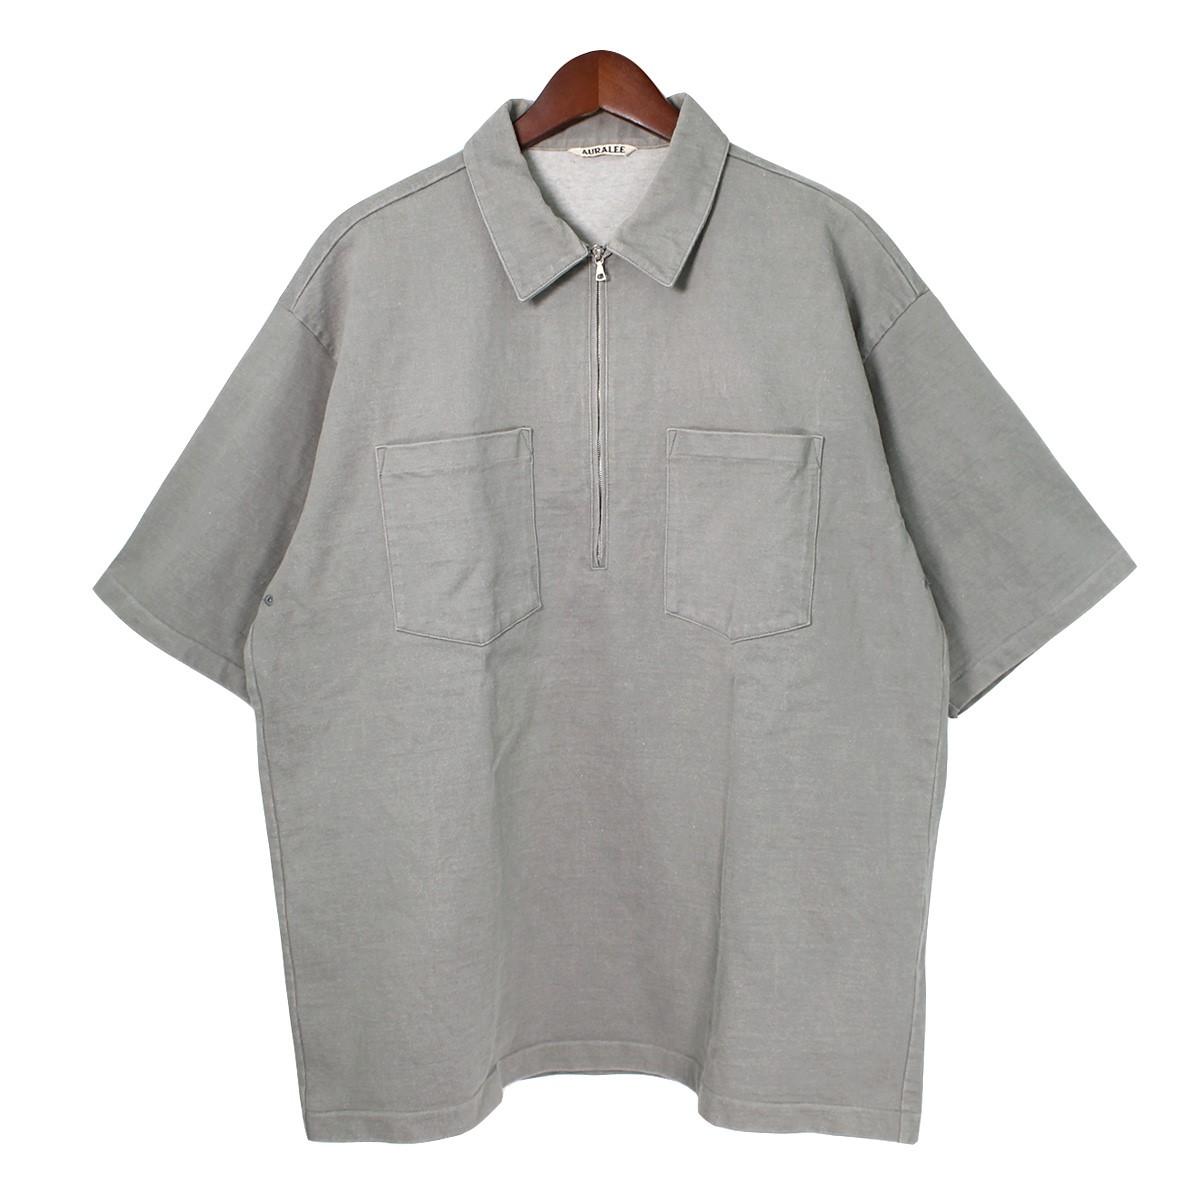 【11月18日 お値段見直しました】【中古】AURALEE17SS スタンドアップハーフジップポロシャツ オリーブ サイズ:5